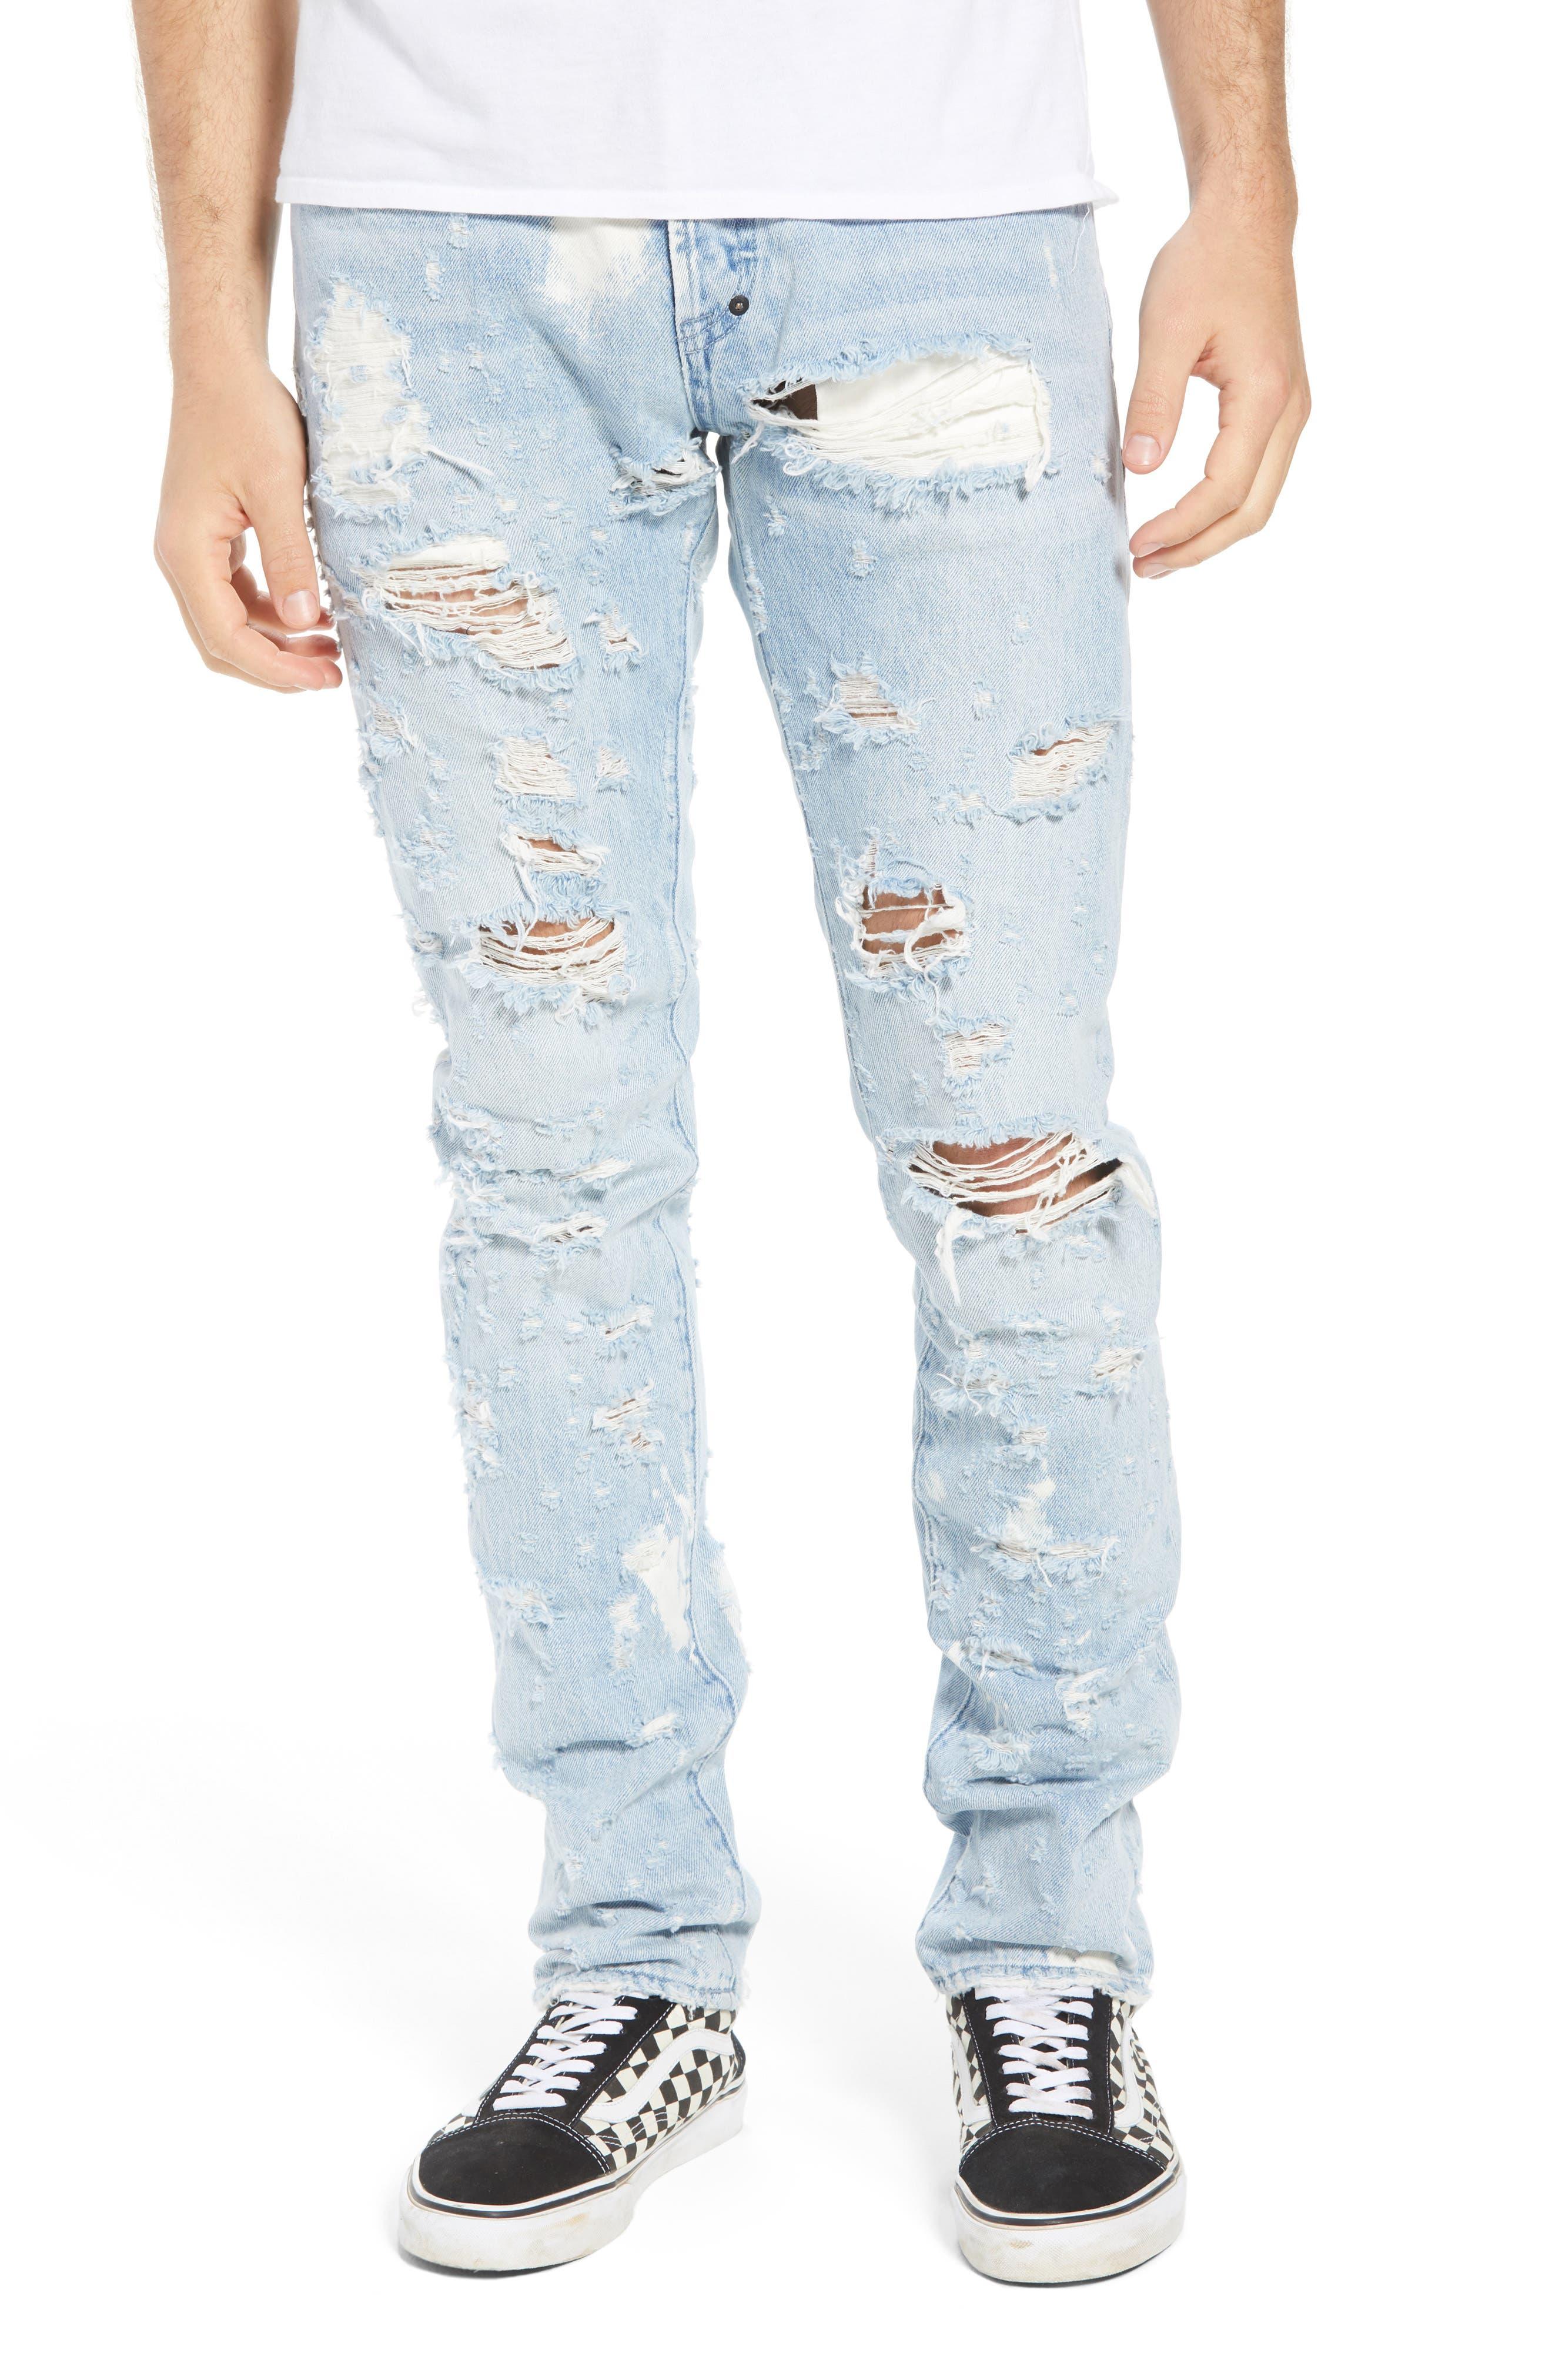 Le Sabre Slim Fit Jeans,                             Main thumbnail 1, color,                             Lavish